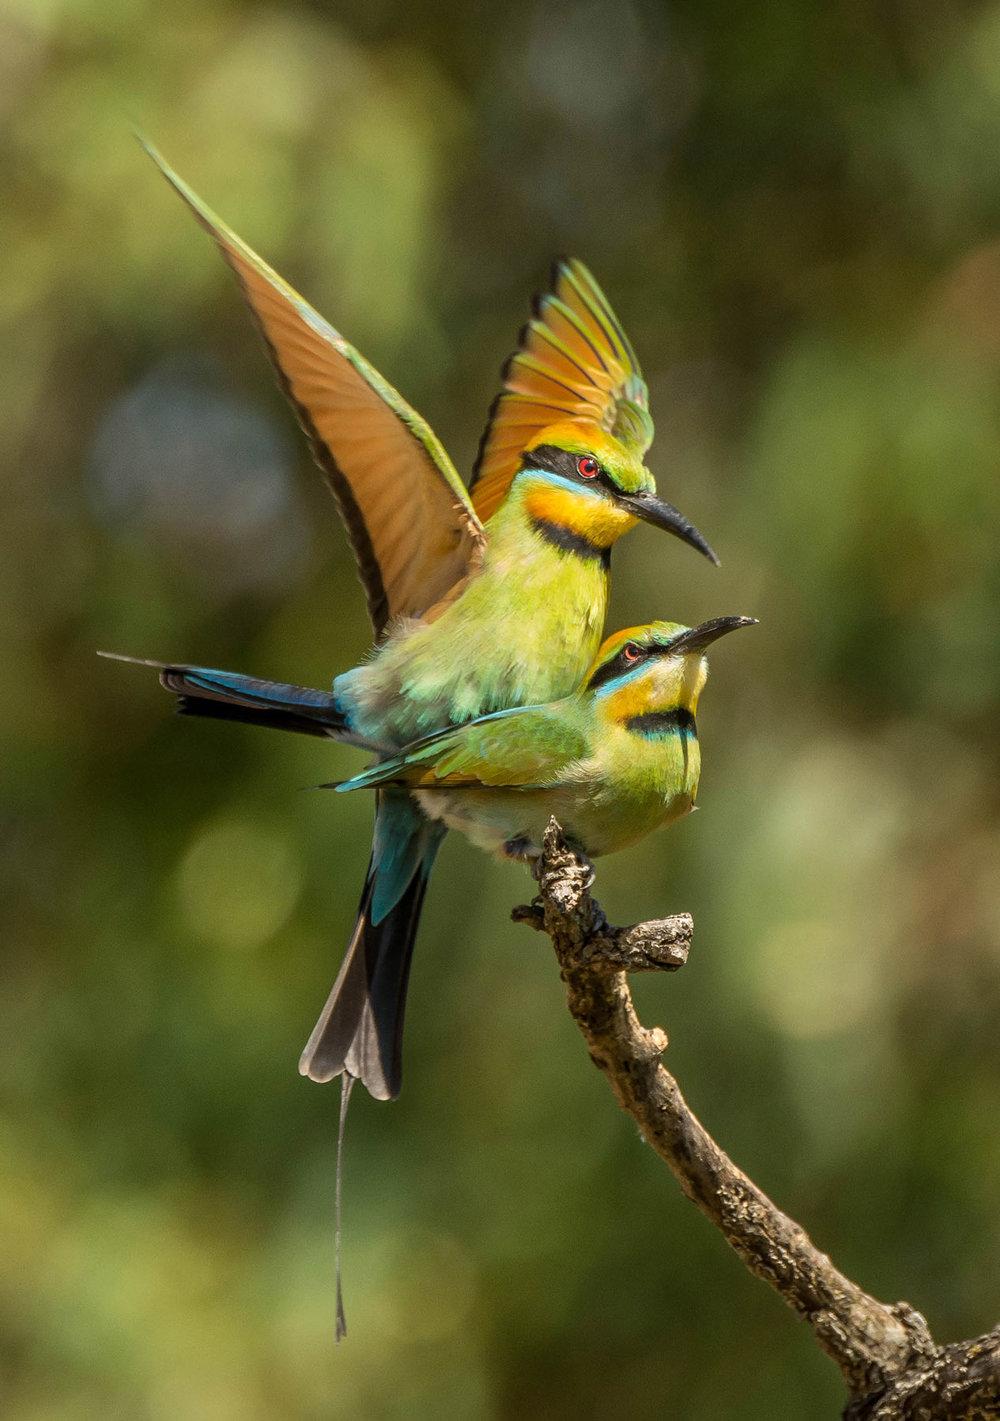 Mating Season by Jan Robinson